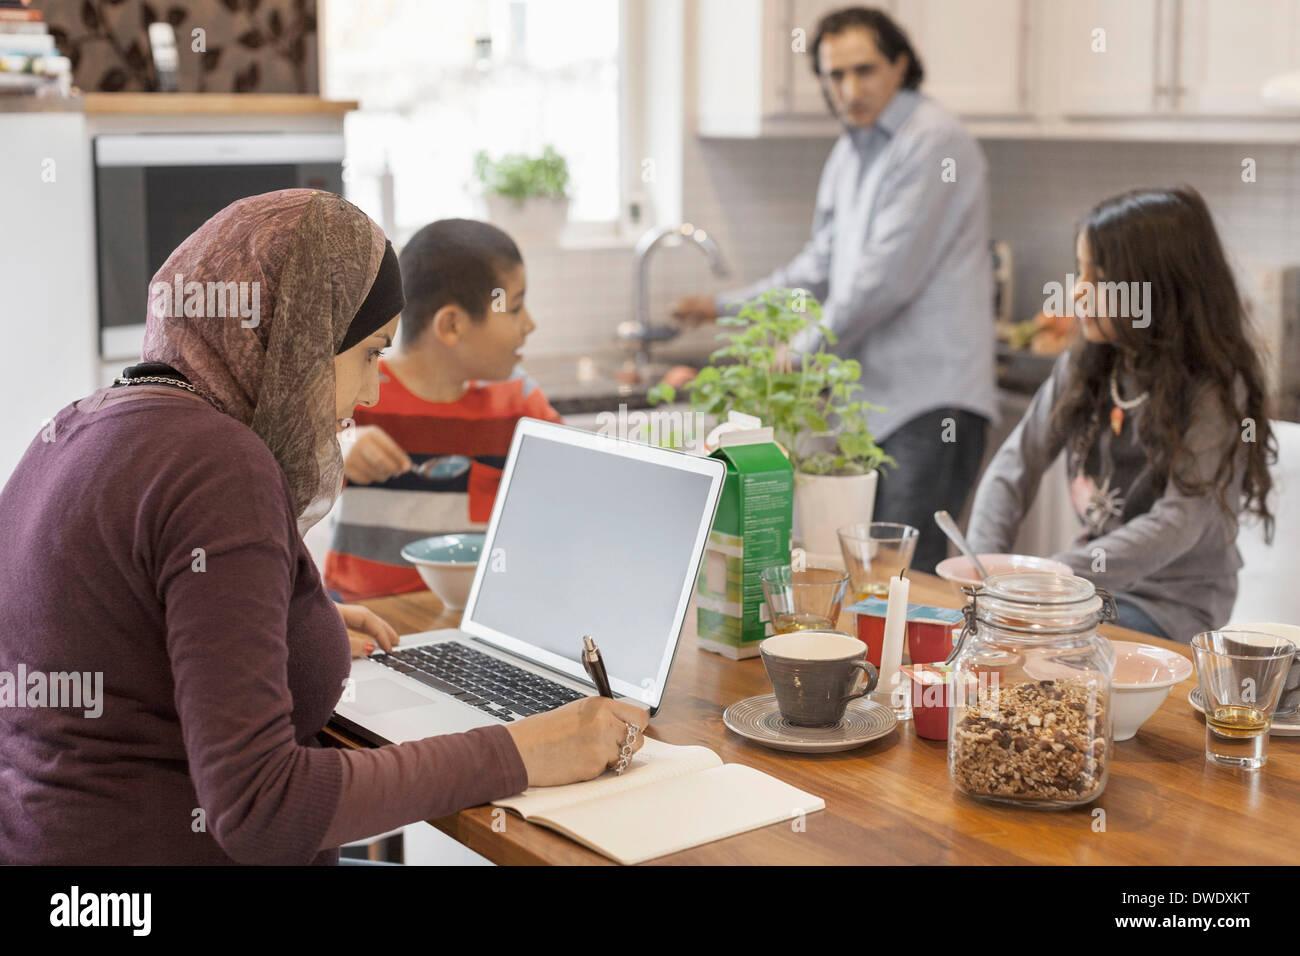 Muslimische Küche | Die Muslimische Frau Die Arbeiten Am Laptop Mit Der Familie